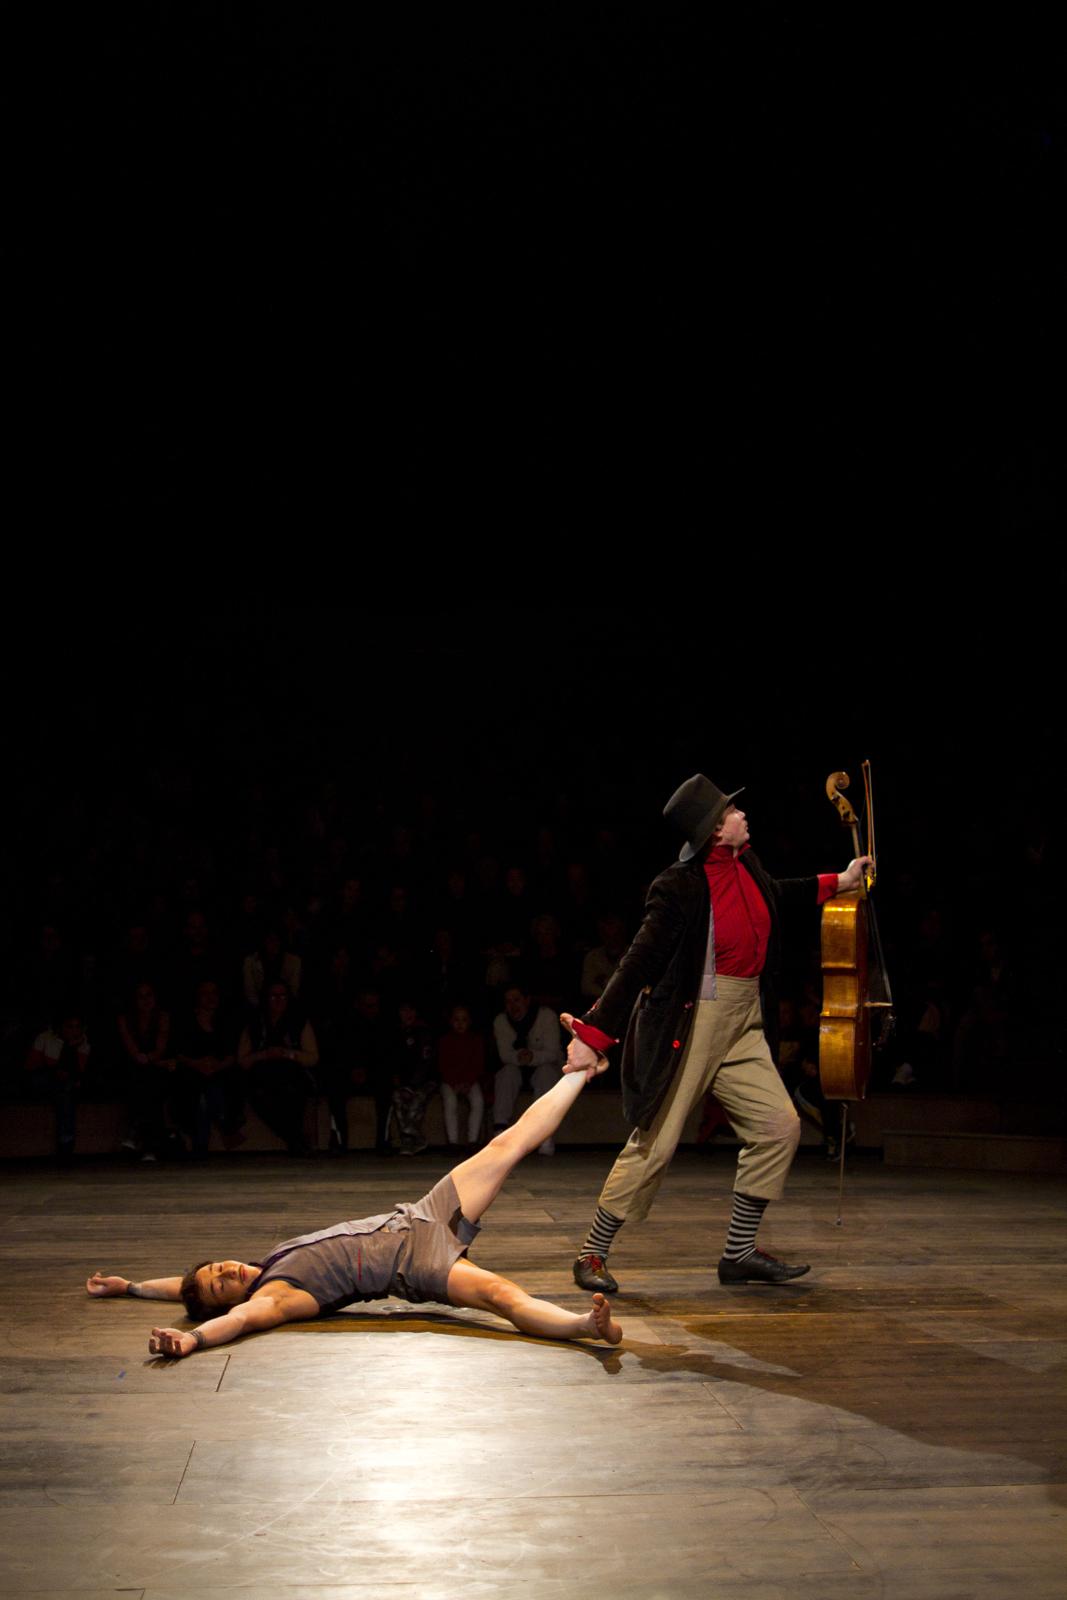 klaxon-akoreacro-spectacle-cirque-sous-chapiteau-musicien-et-circassien-photo-niels-benoist